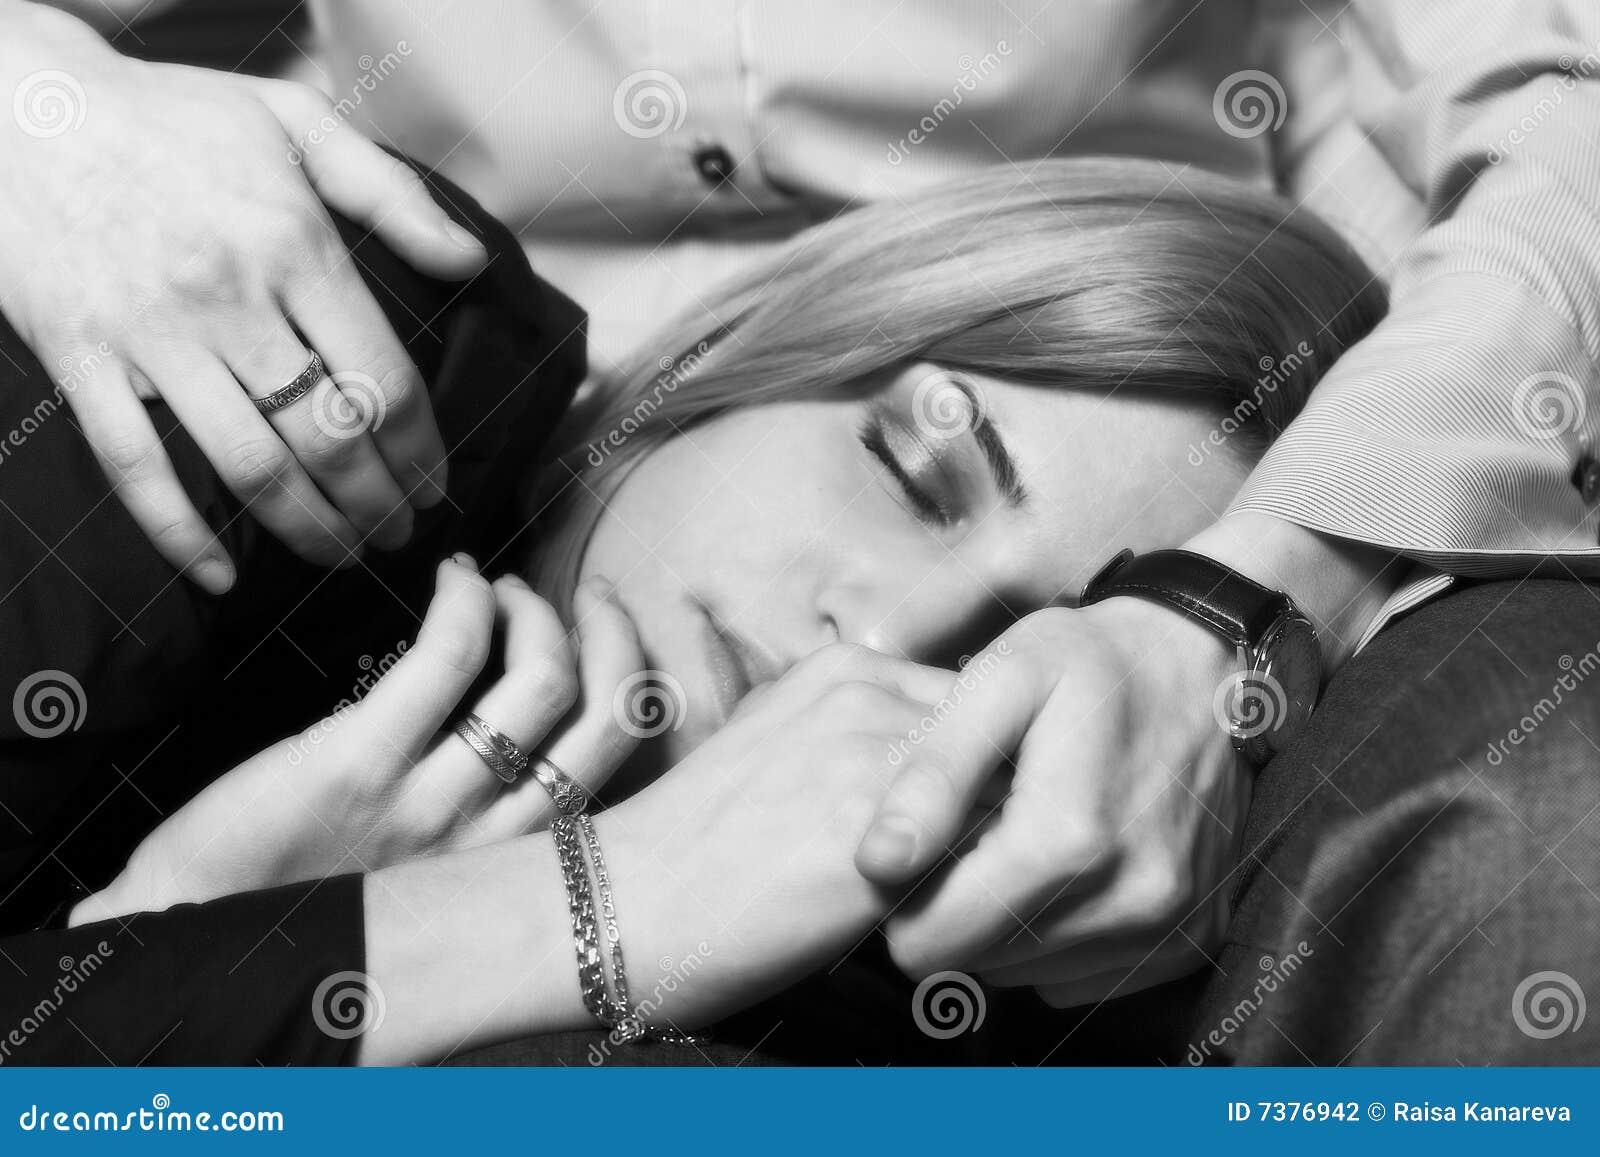 Секс у нас уже был но только один раз тут он отстранился от моих губ и надавил мне на плечи получилось что я села на колени напротив его 1 фотография